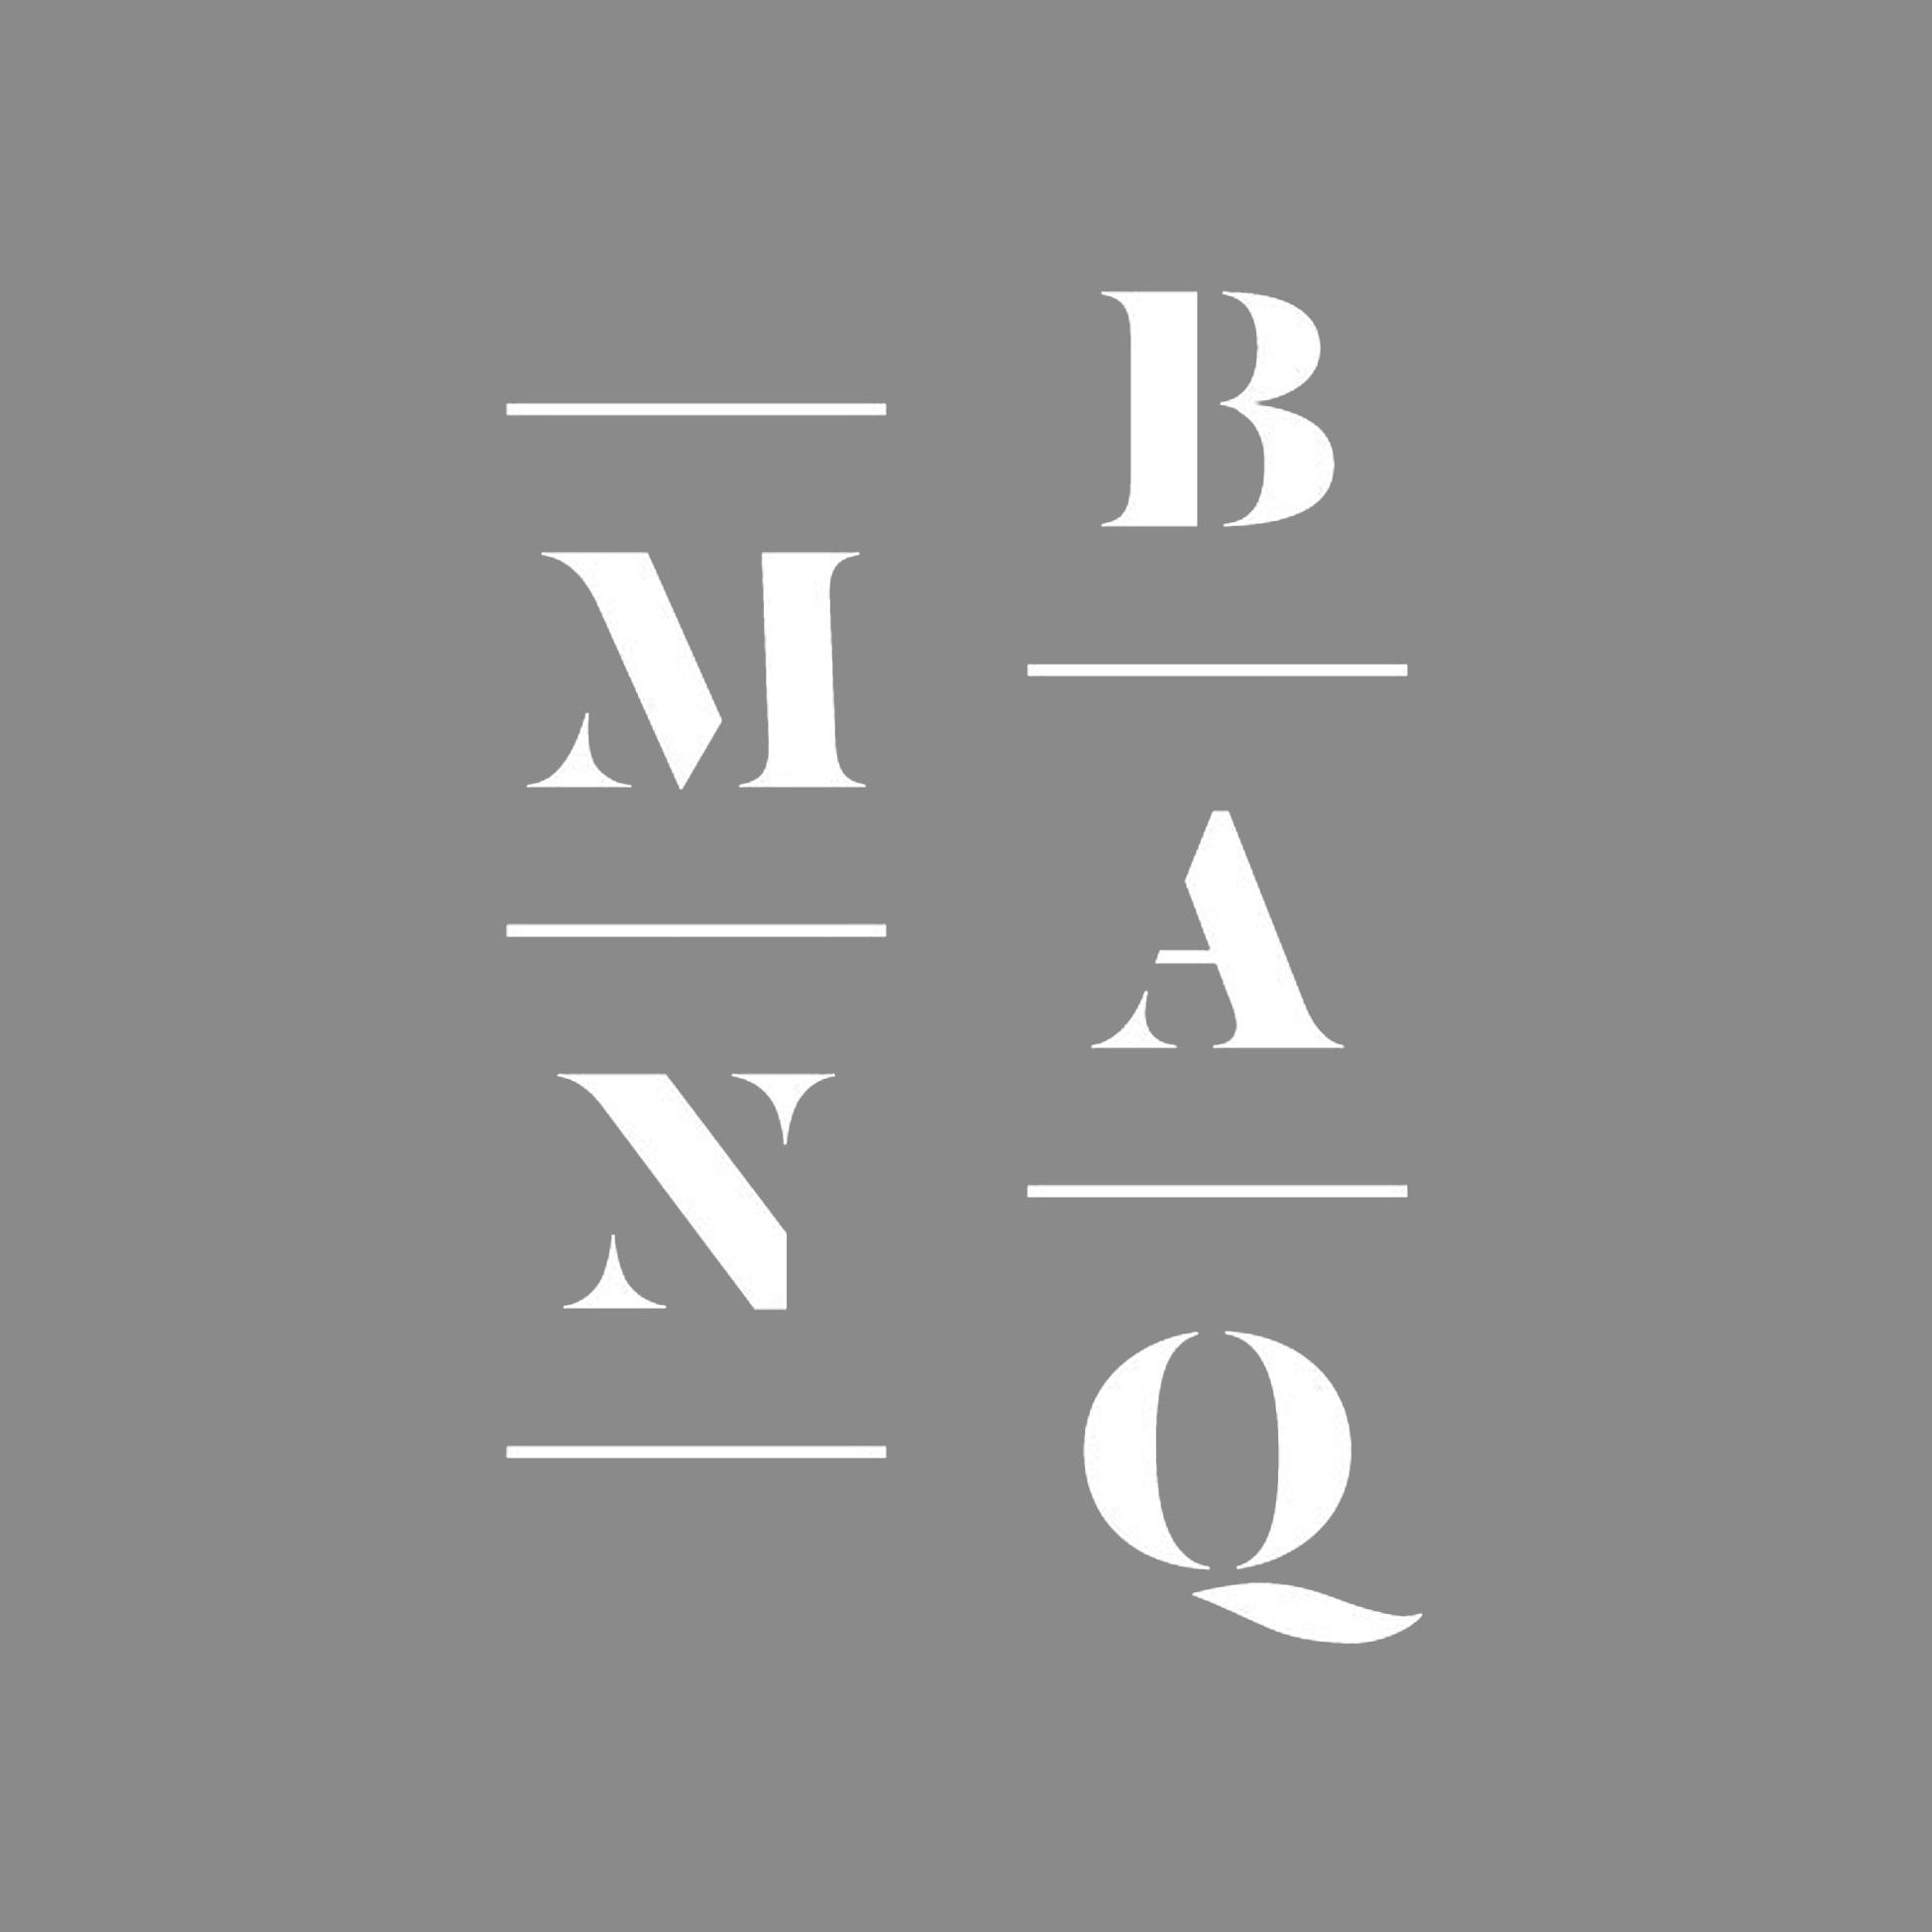 mnbaq_use.jpg